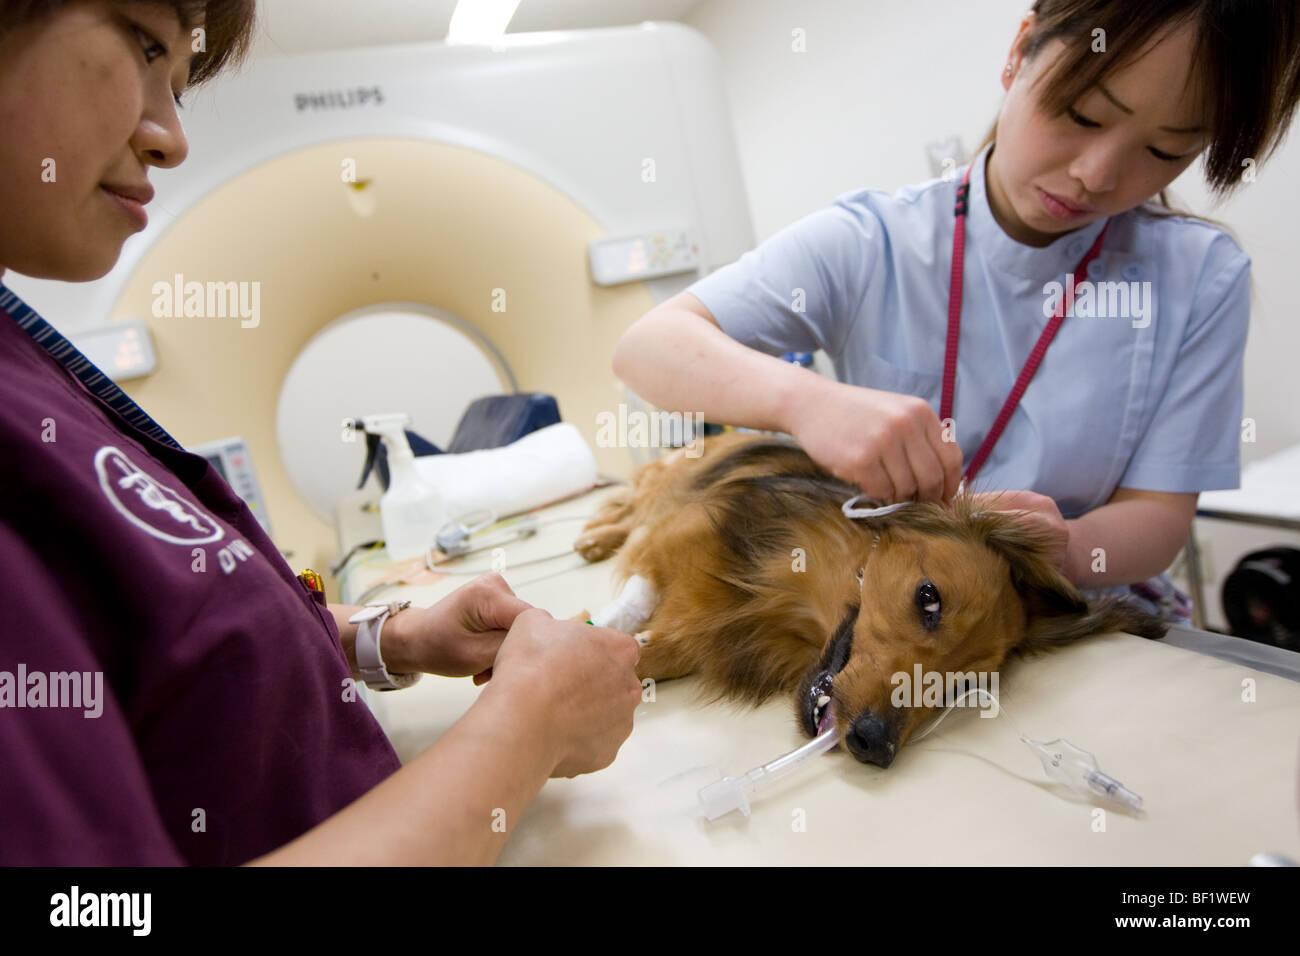 Un cane dachshound subisce una scansione TC, ad un giapponese clinica veterinaria. Immagini Stock